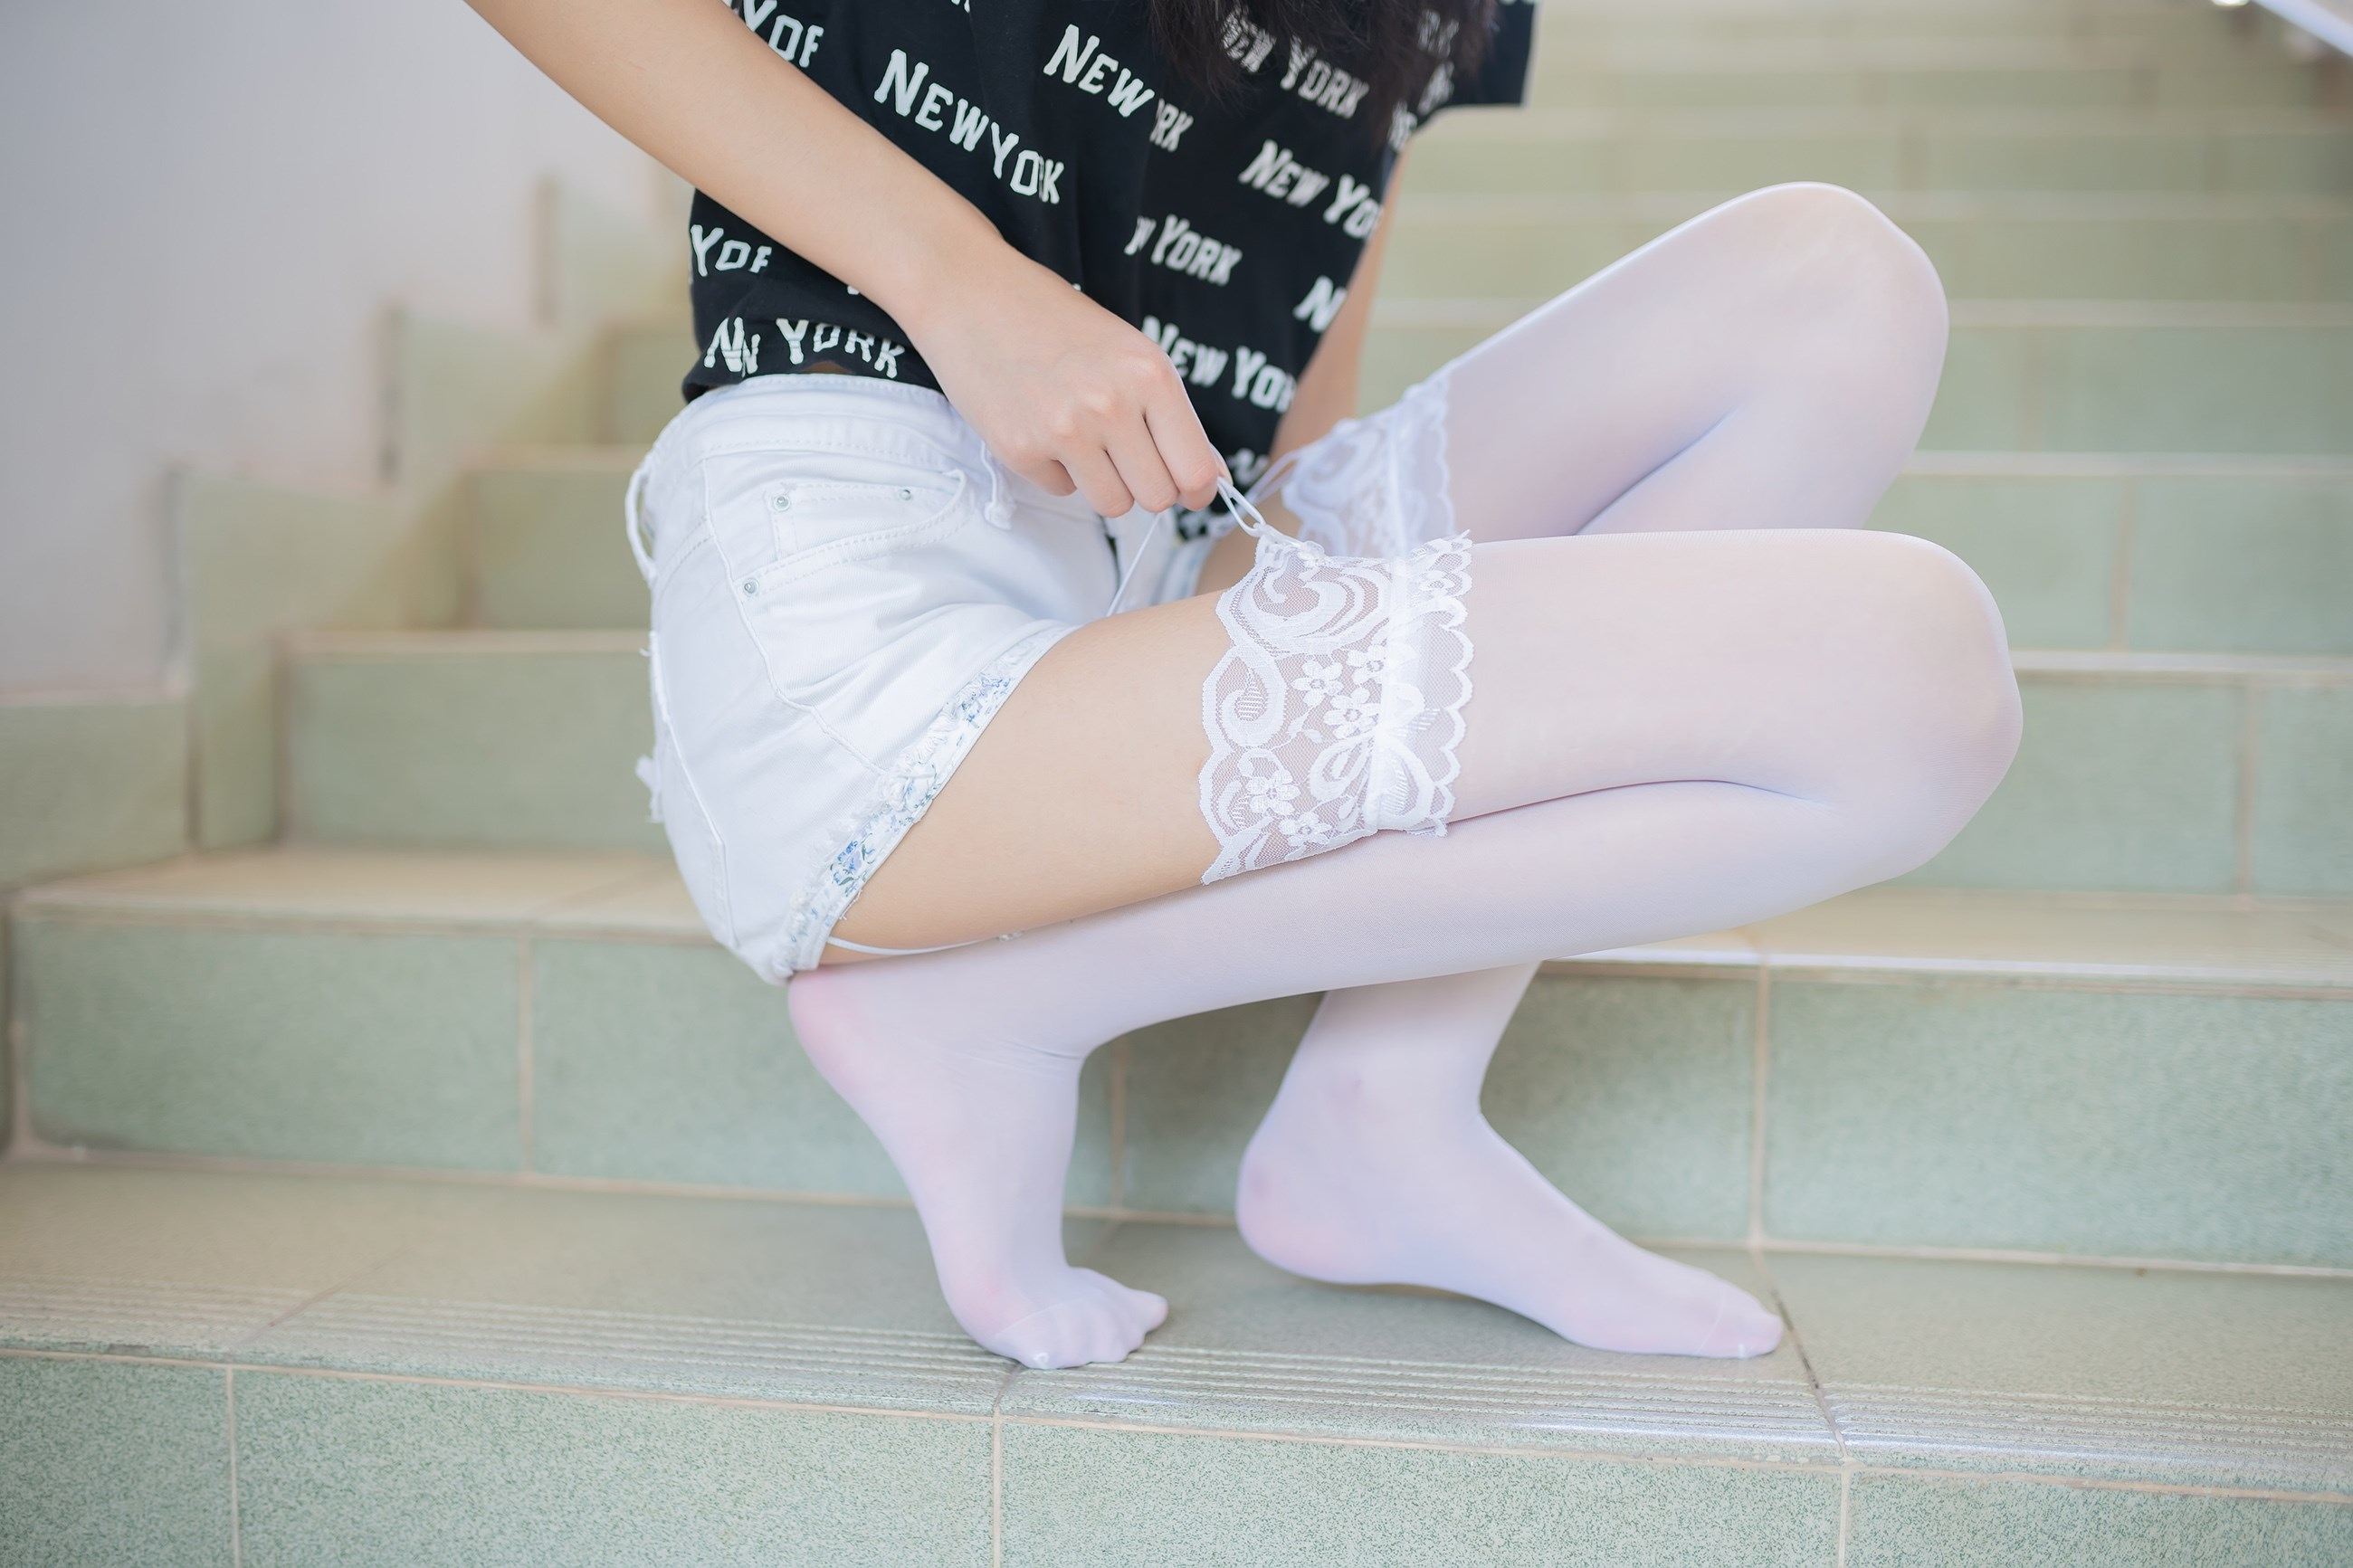 【兔玩映画】白丝吊带袜 兔玩映画 第17张